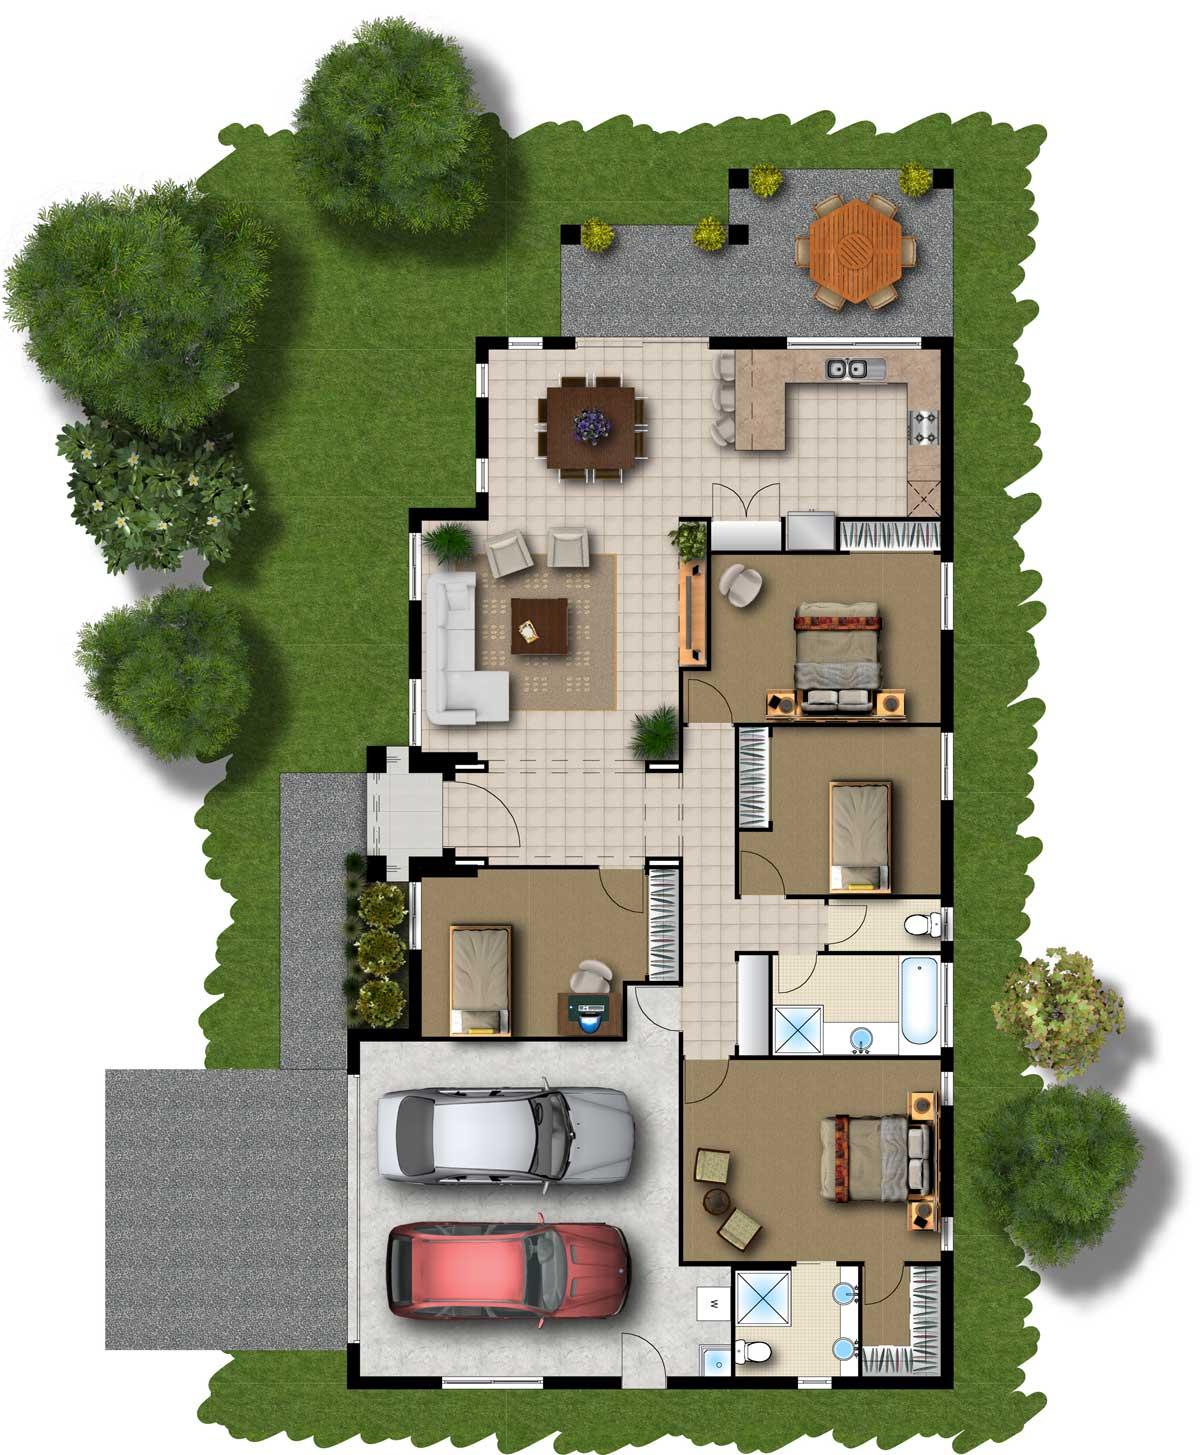 lar doce lar   planta  su u00edte mais dois quartos com garagem